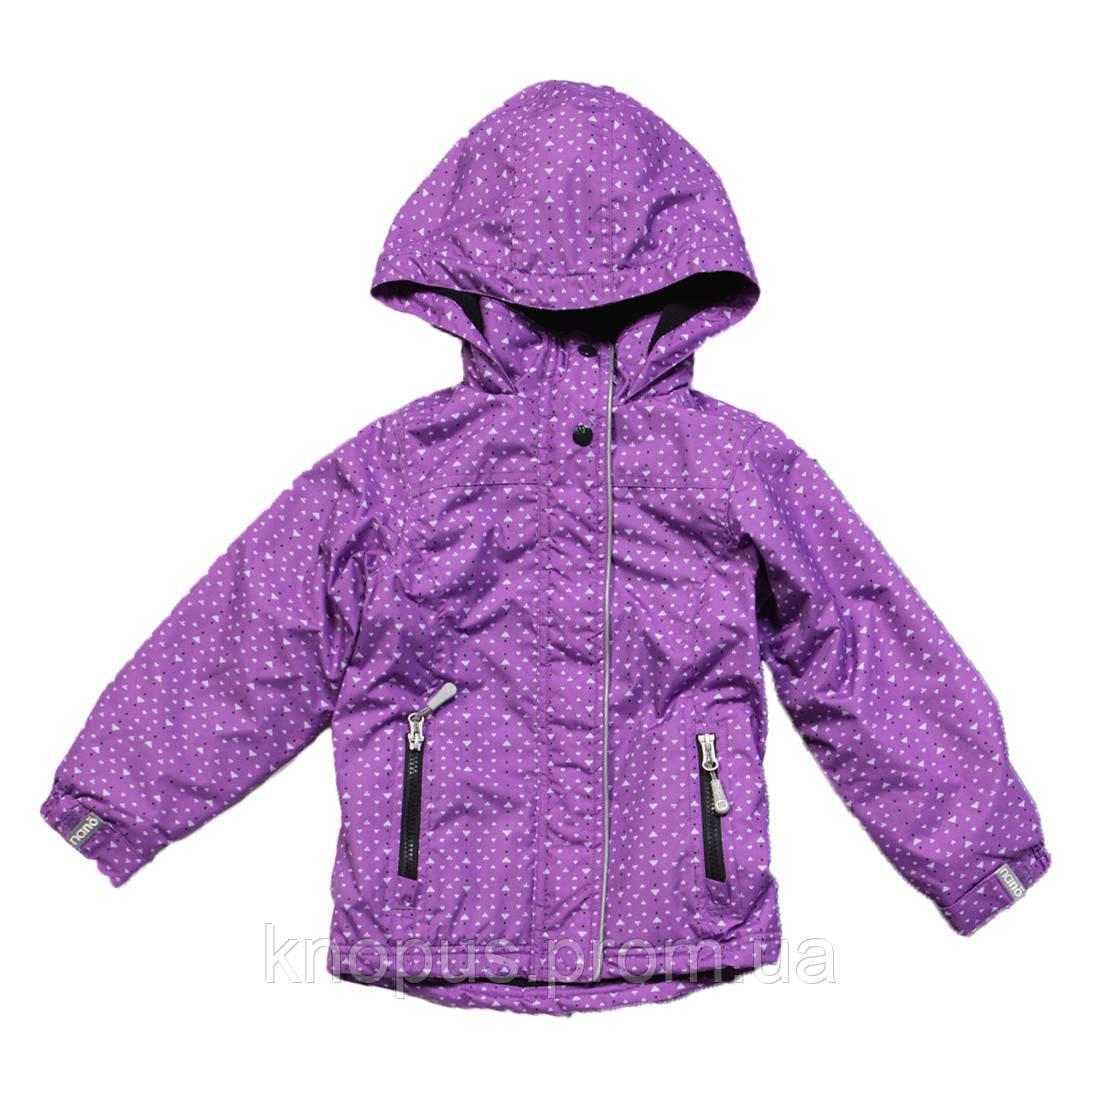 Демисезонная куртка для девочки светло-сиреневая Лаванда, Nano, размеры 74-134